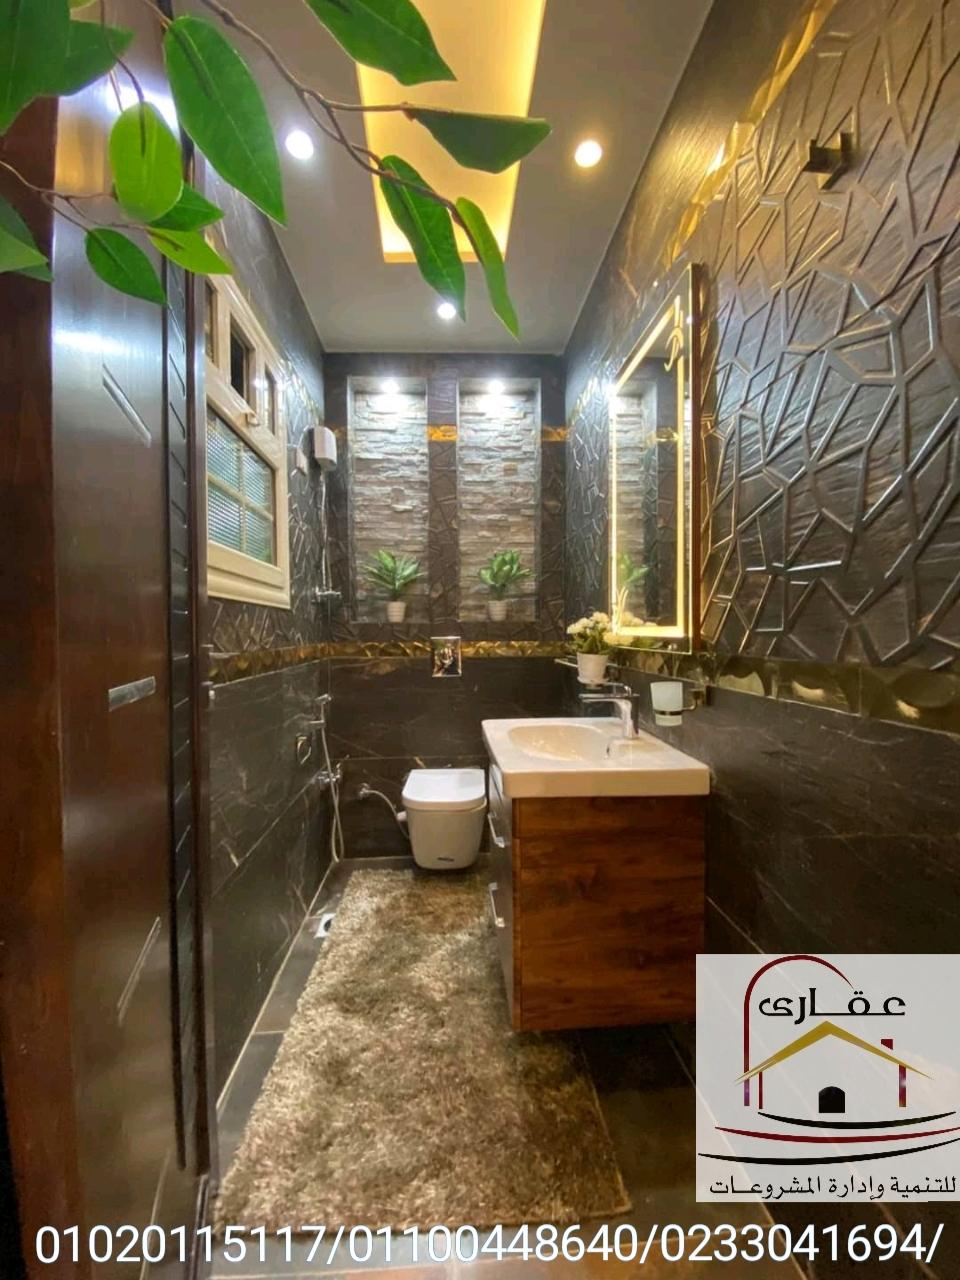 صور حمامات مودرن - تصميم داخلي للحمامات - تصميم حمامات حديثة ( شركة عقارى 01100448640 ) Whatsa25